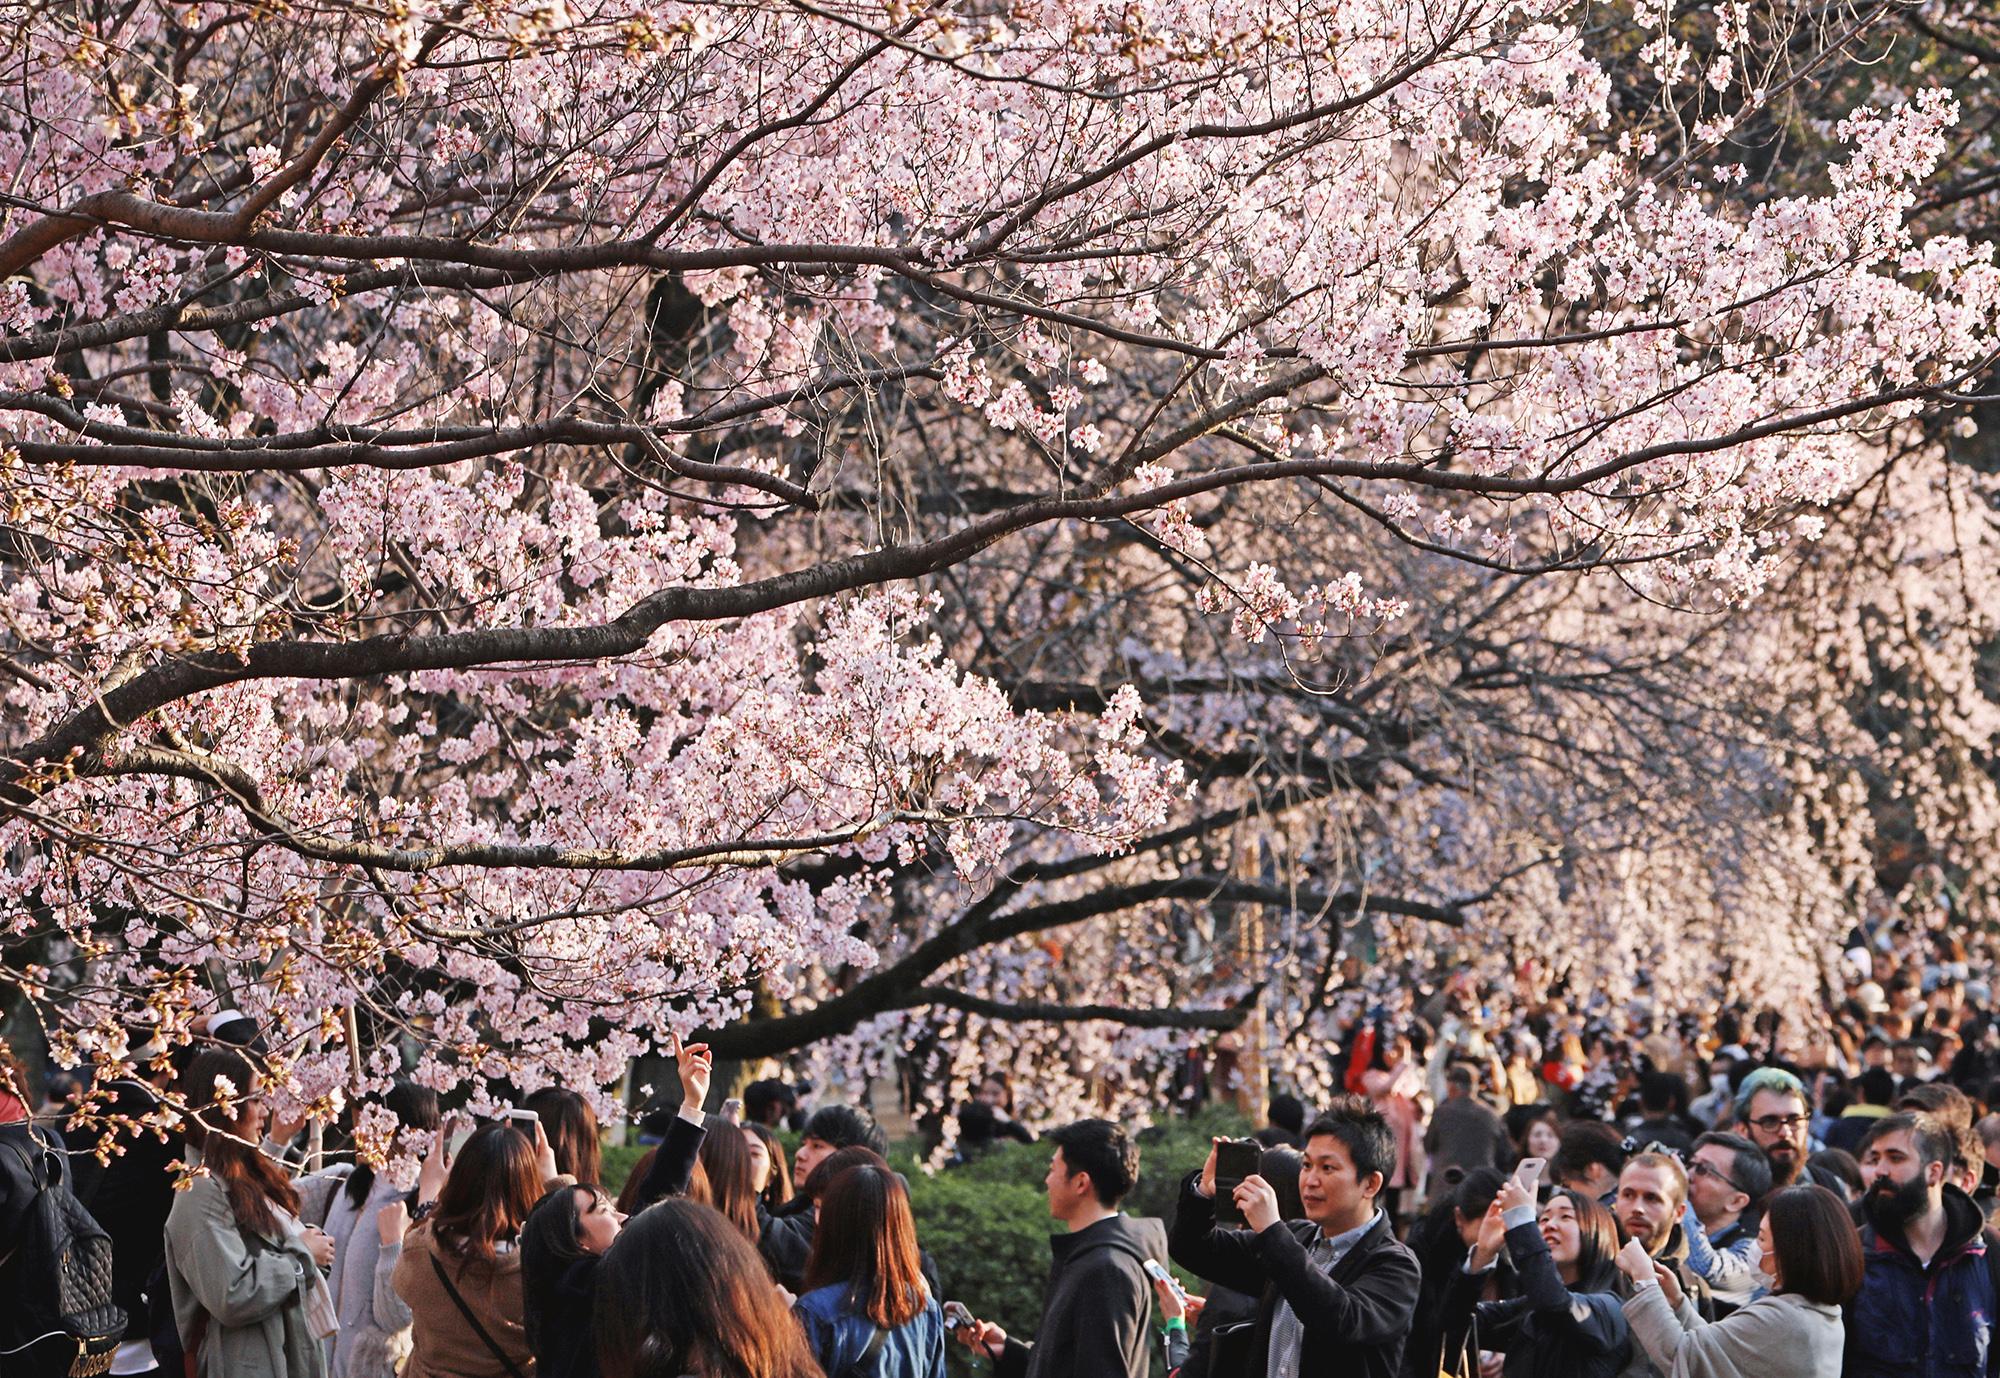 В парке Синдзюку Гёэн вСиндзюку, Токио, все пространство вокруг вокруг тех деревьев, которые уже расцветали, буквально заполонены людьми